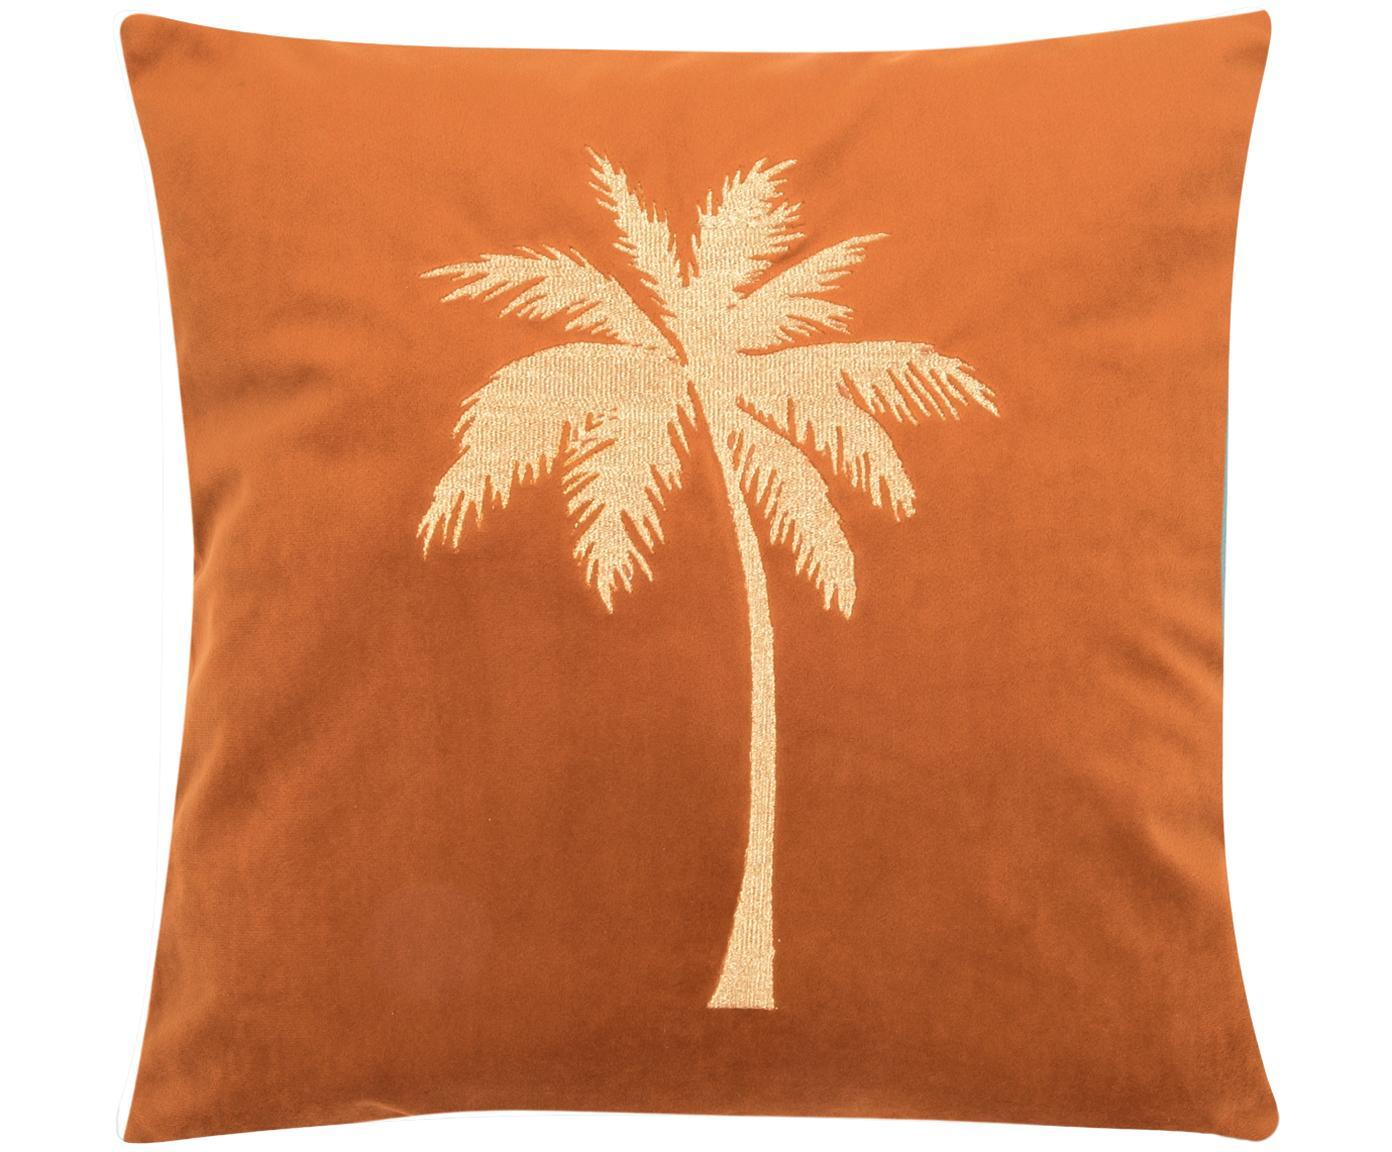 Federa arredo in velluto lucido Palmsprings, Velluto di poliestere, Arancione, dorato, Larg. 40 x Lung. 40 cm